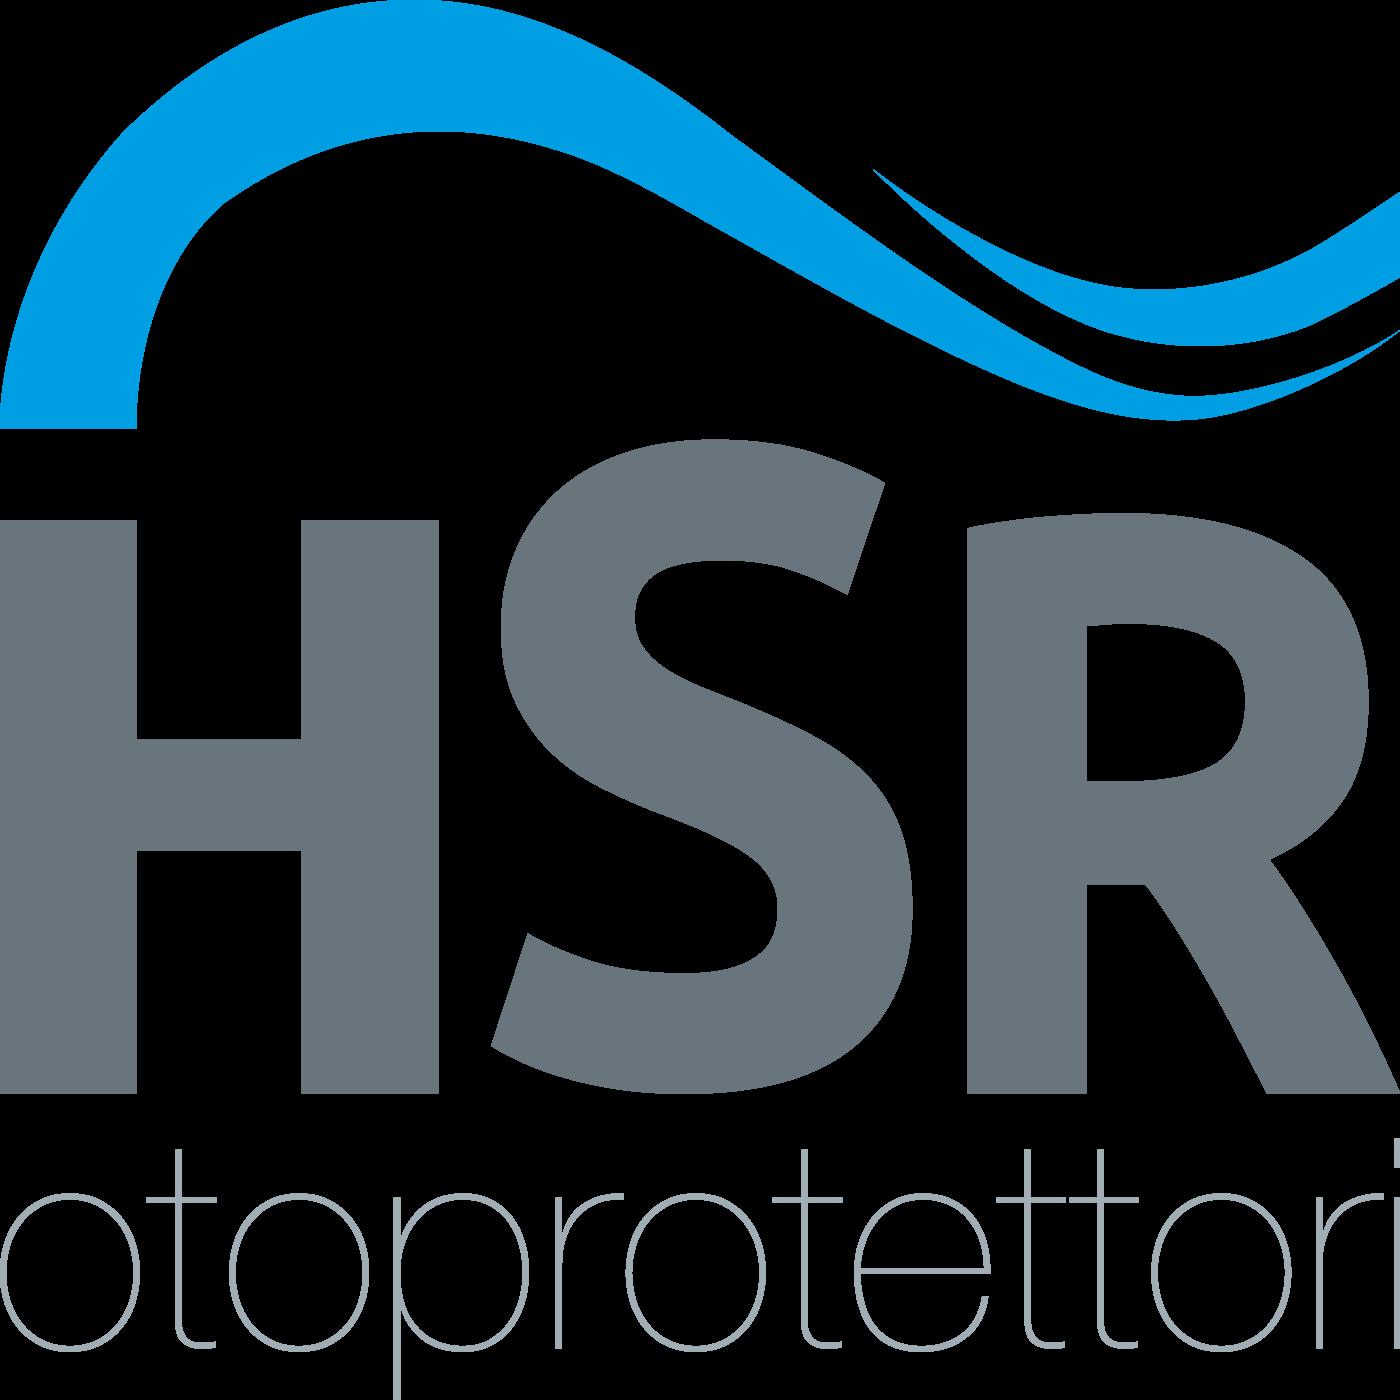 Otoprotettori protezione udito